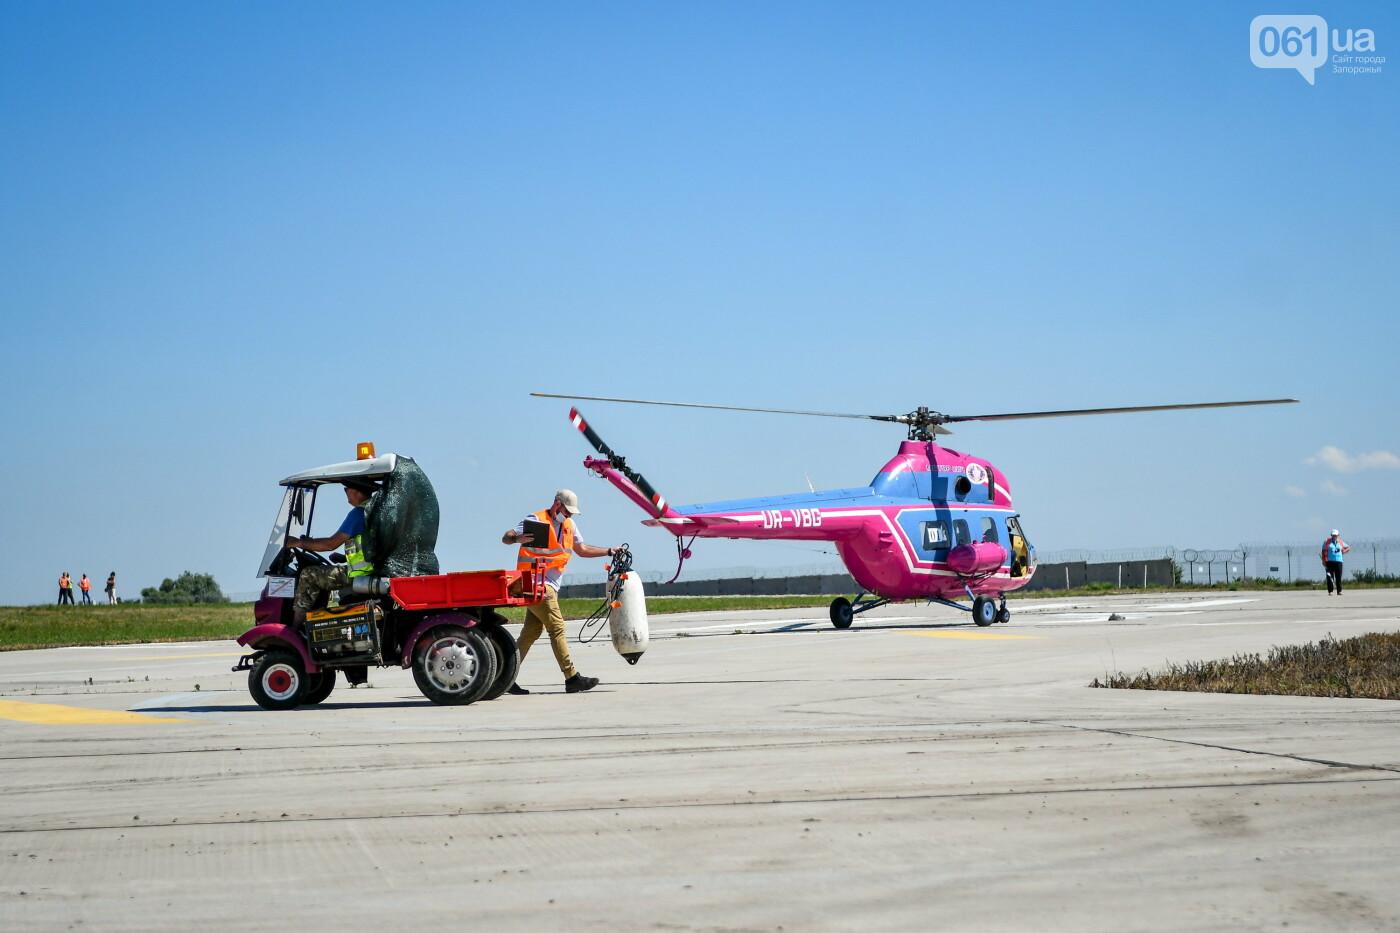 В Запорожье проходят соревнования по вертолетному спорту, - ФОТОРЕПОРТАЖ, фото-1